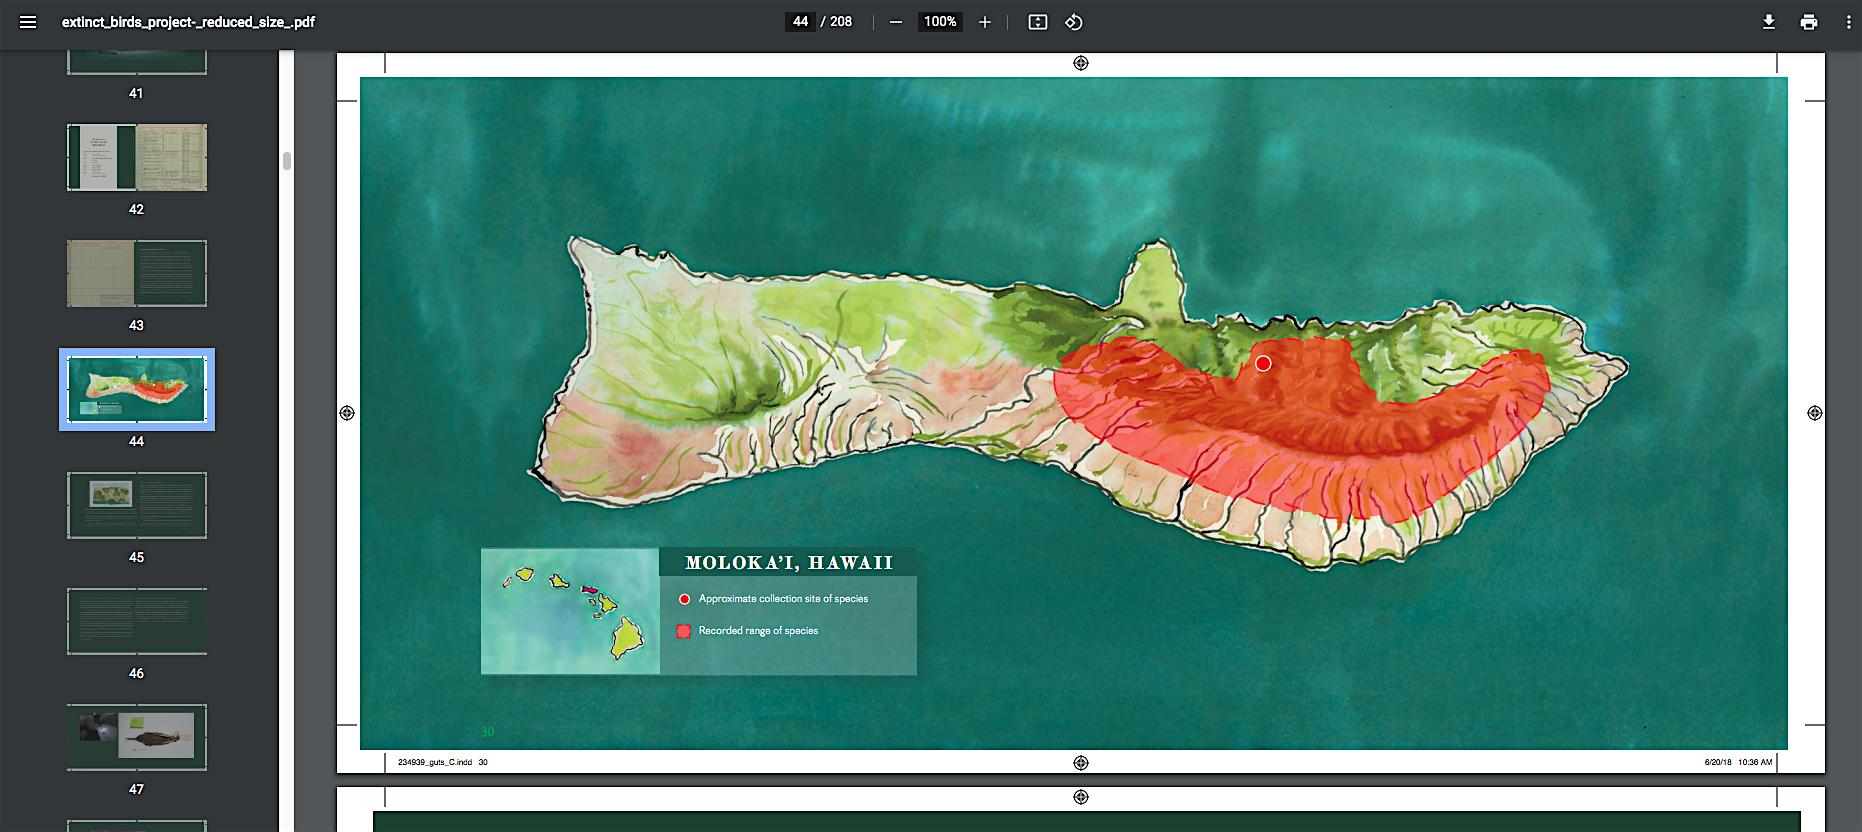 Screen Shot inside extinct birds book